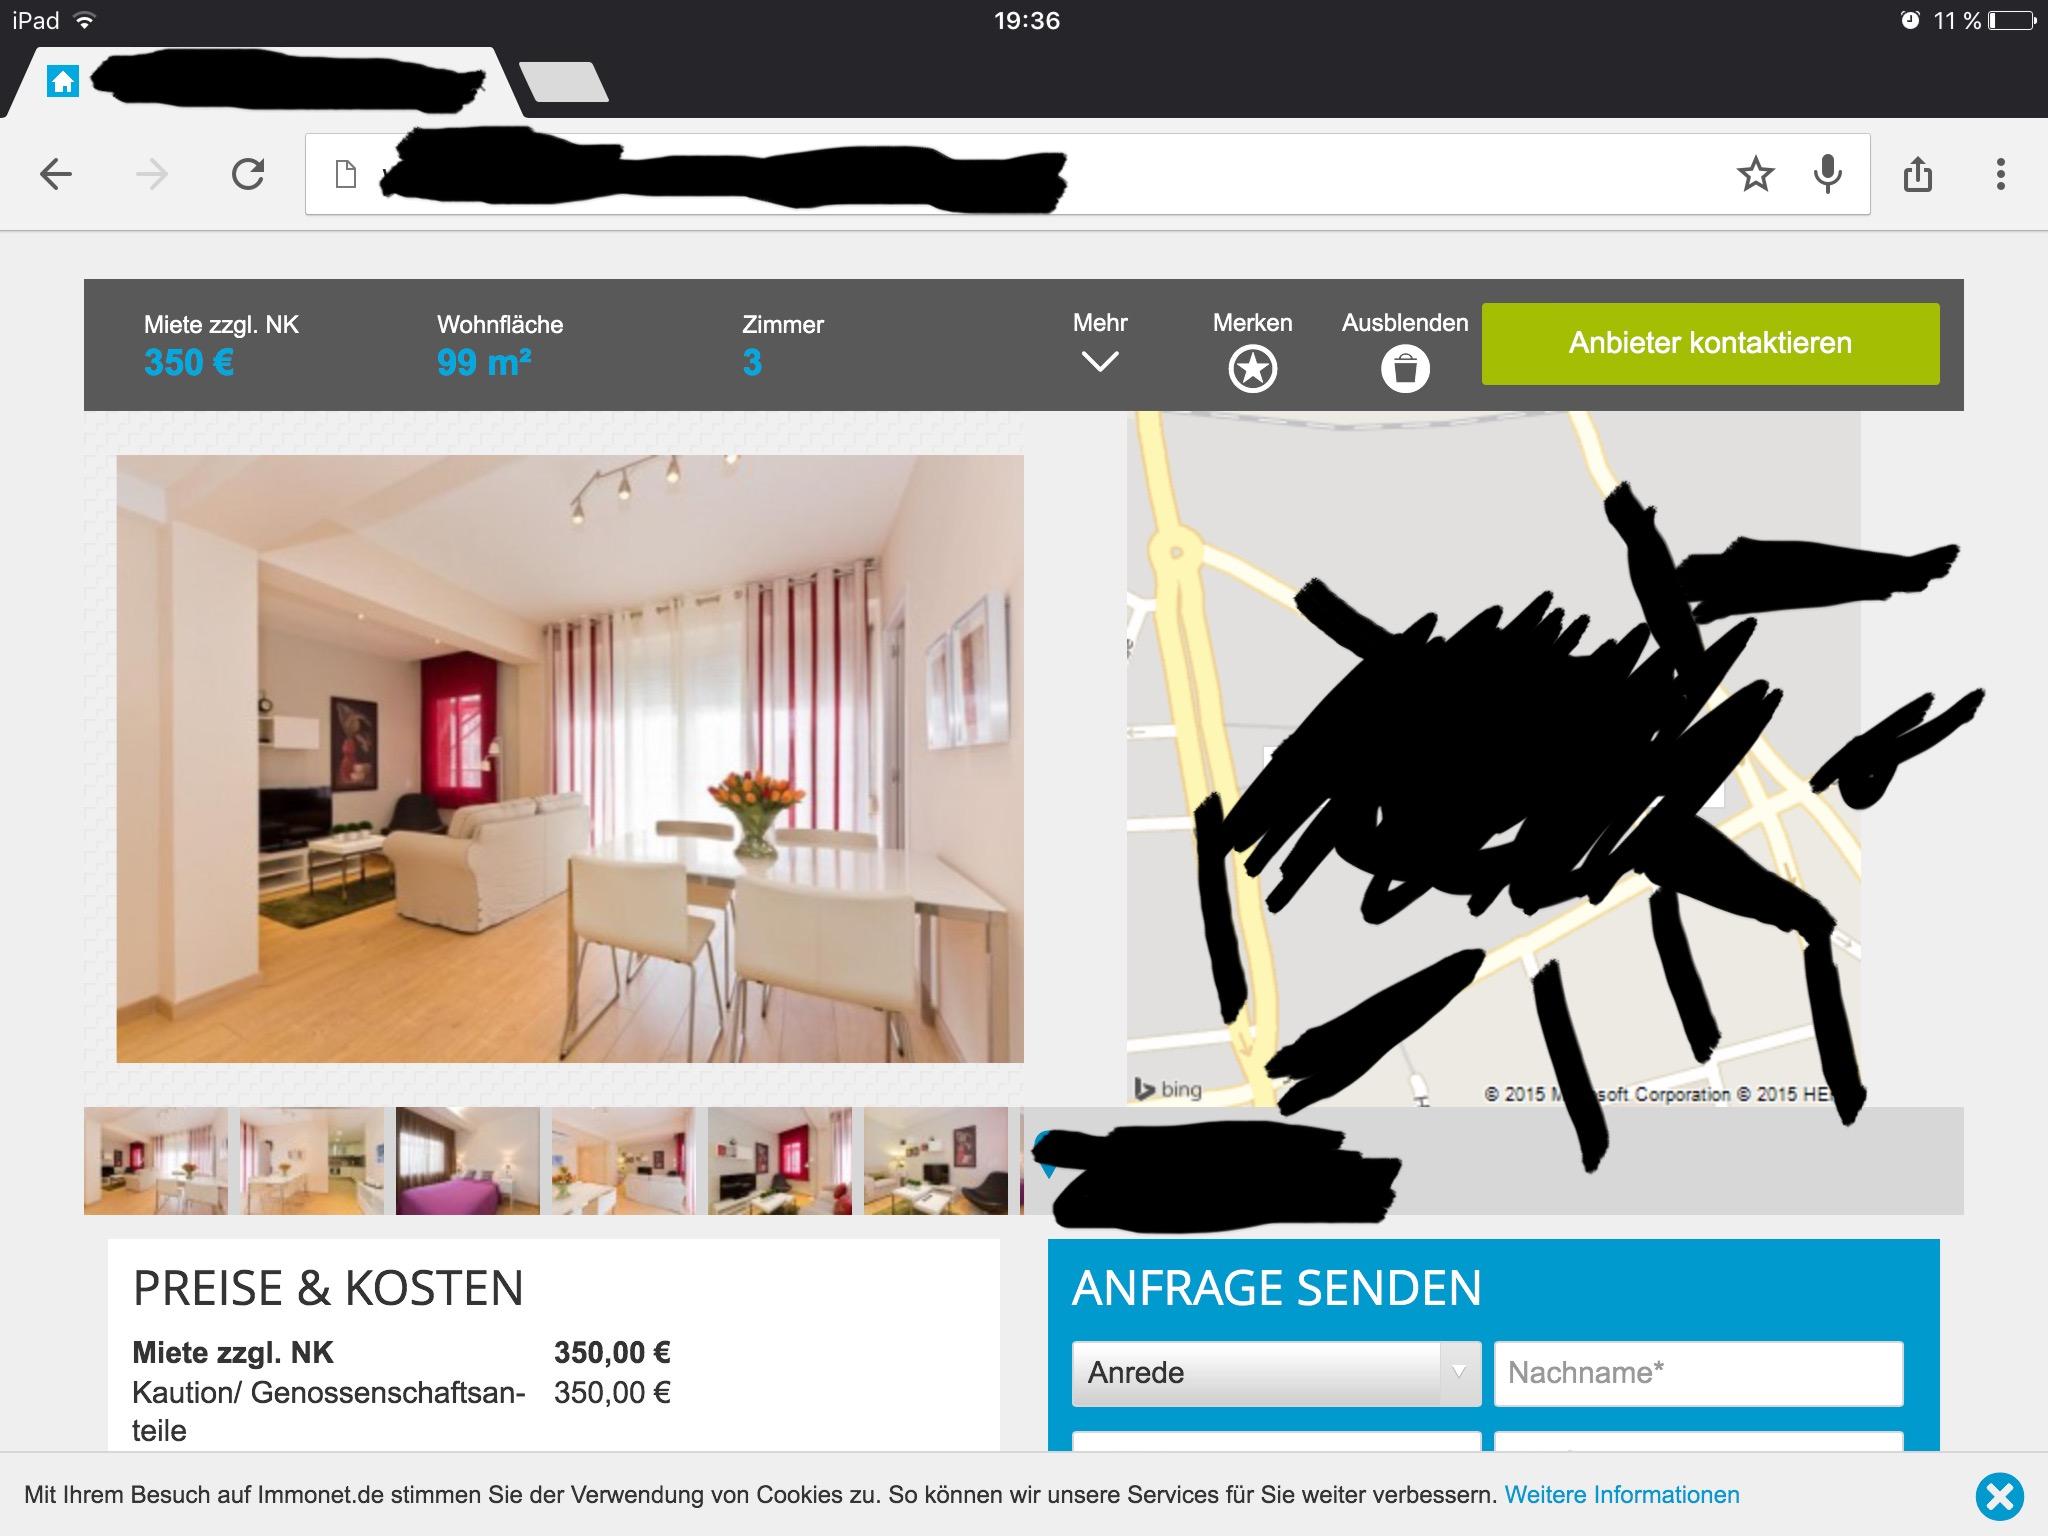 wie hoch sind die nebenkosten und ist diese wohnung zu gro f r mich mieten erste wohnung. Black Bedroom Furniture Sets. Home Design Ideas